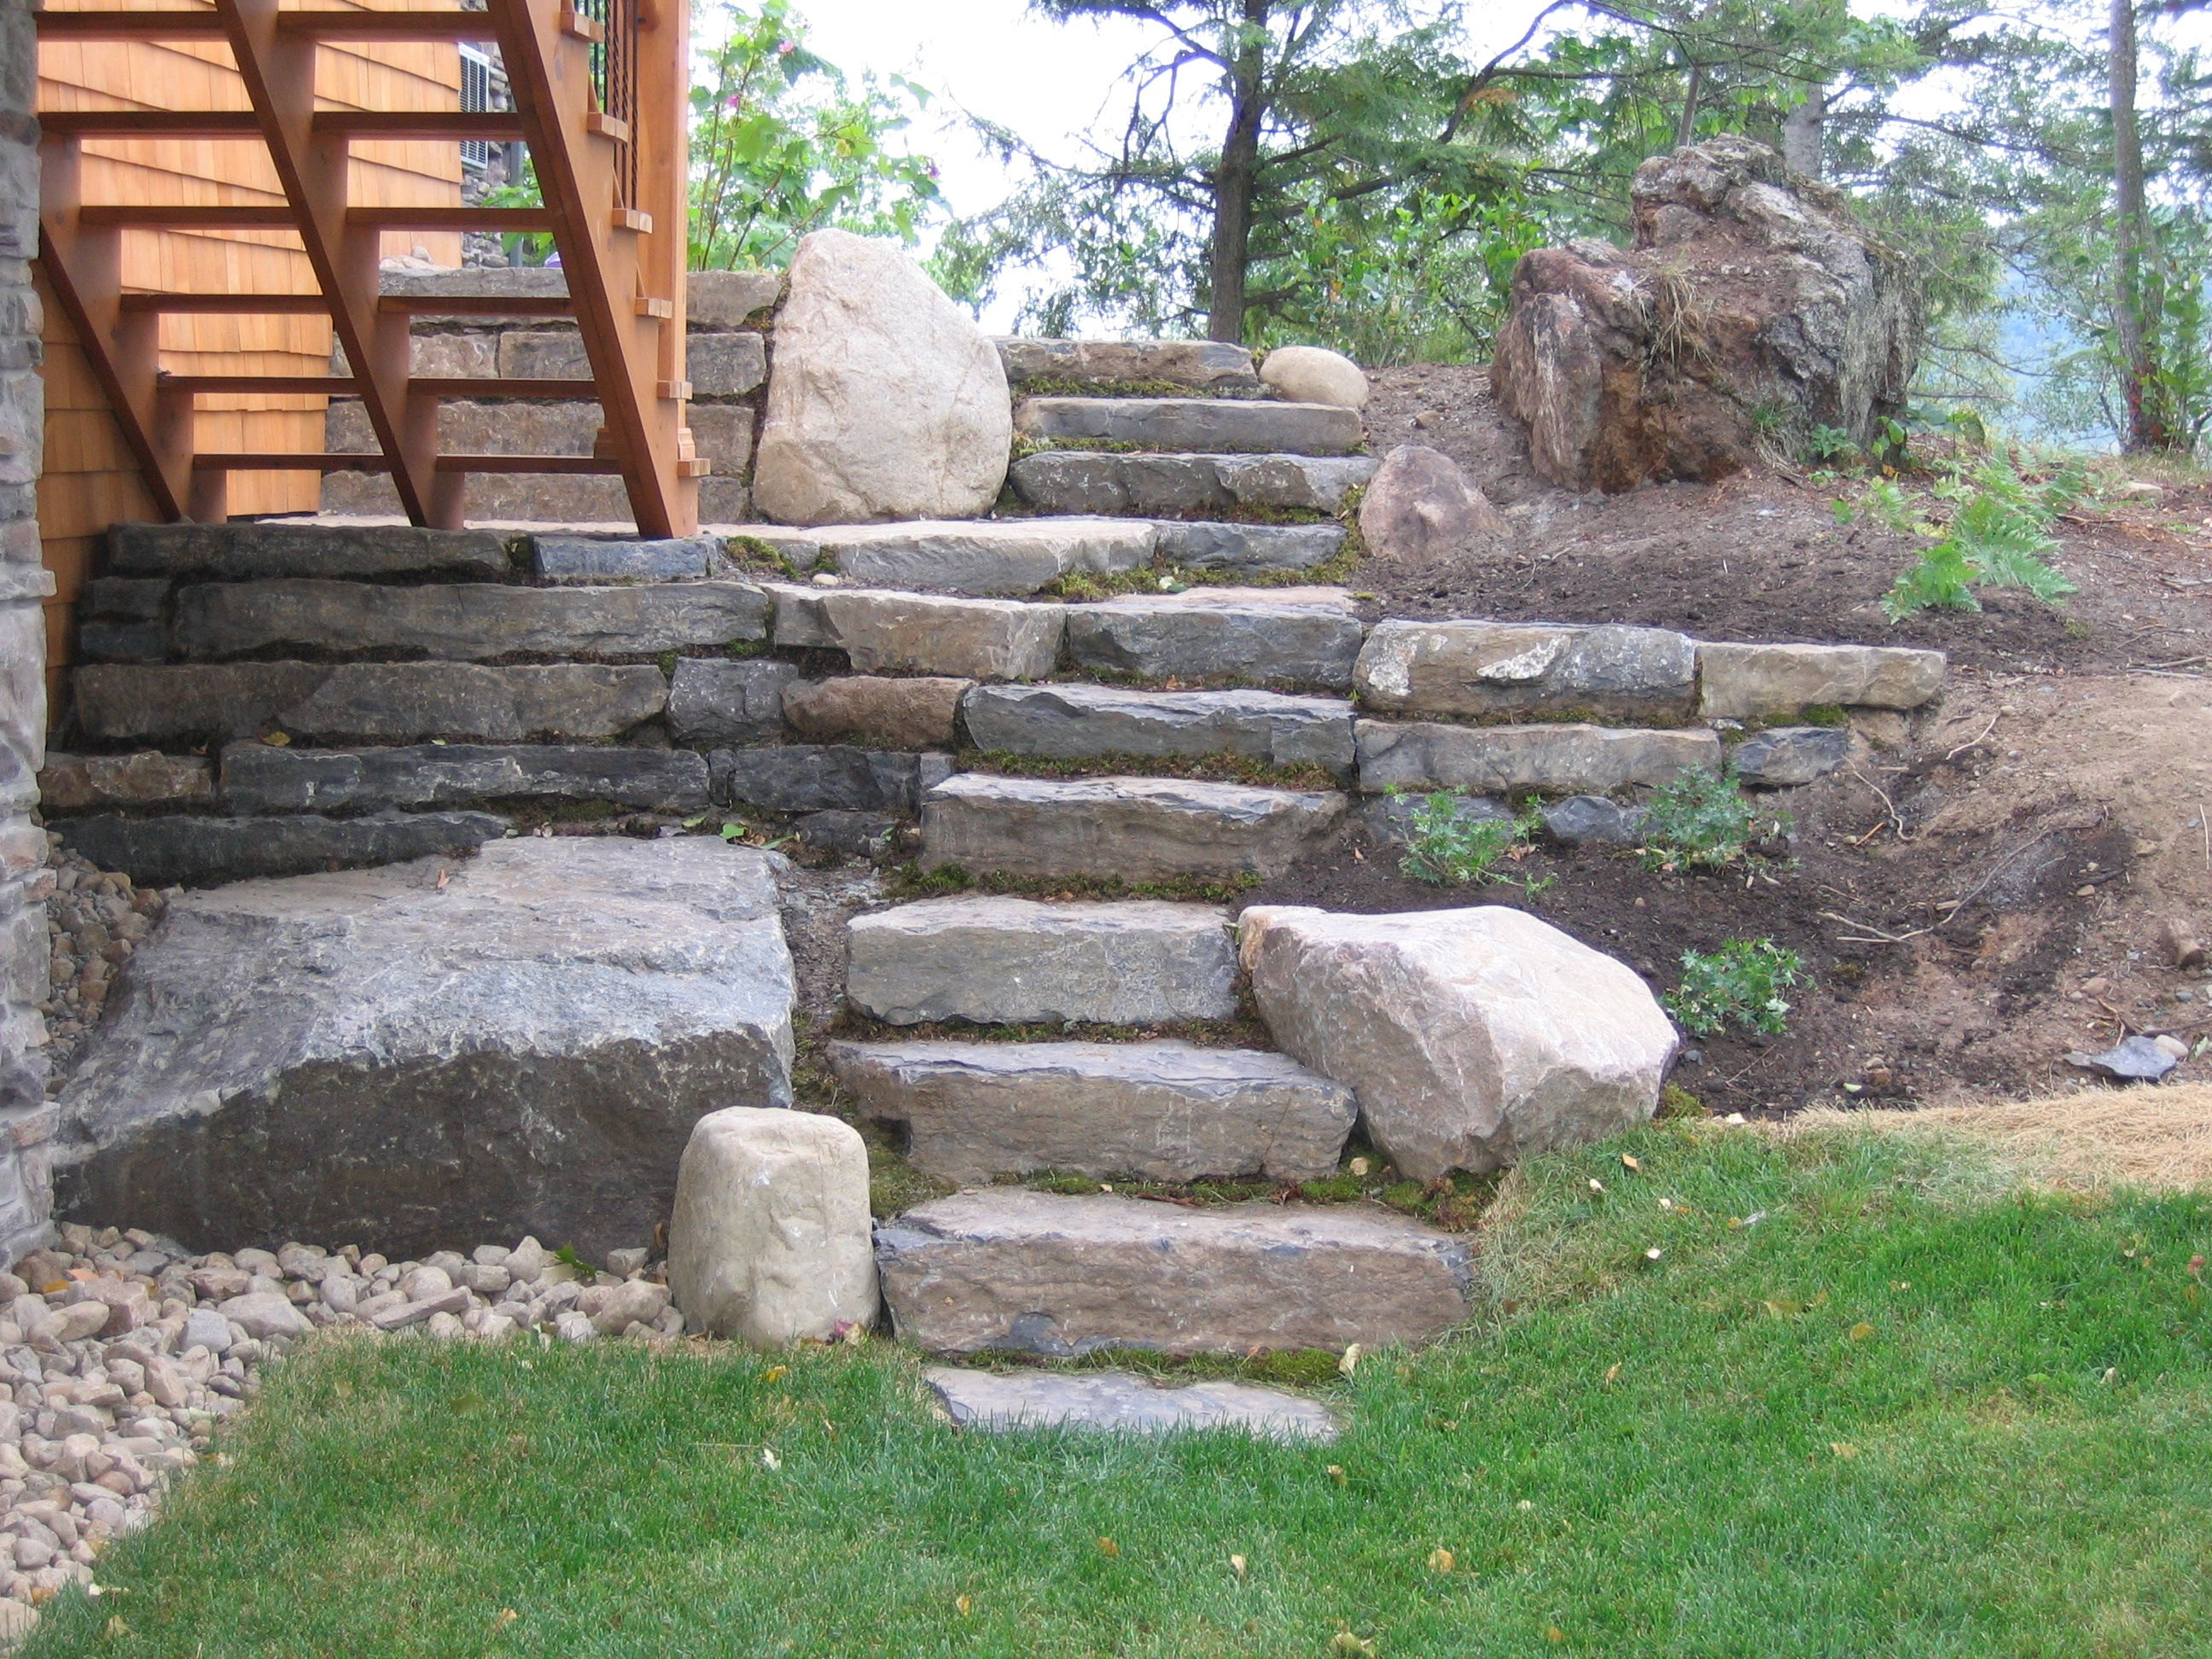 Escaliers réalisés avec des grosses pierres naturelles. #landscaping #amenagementpaysager